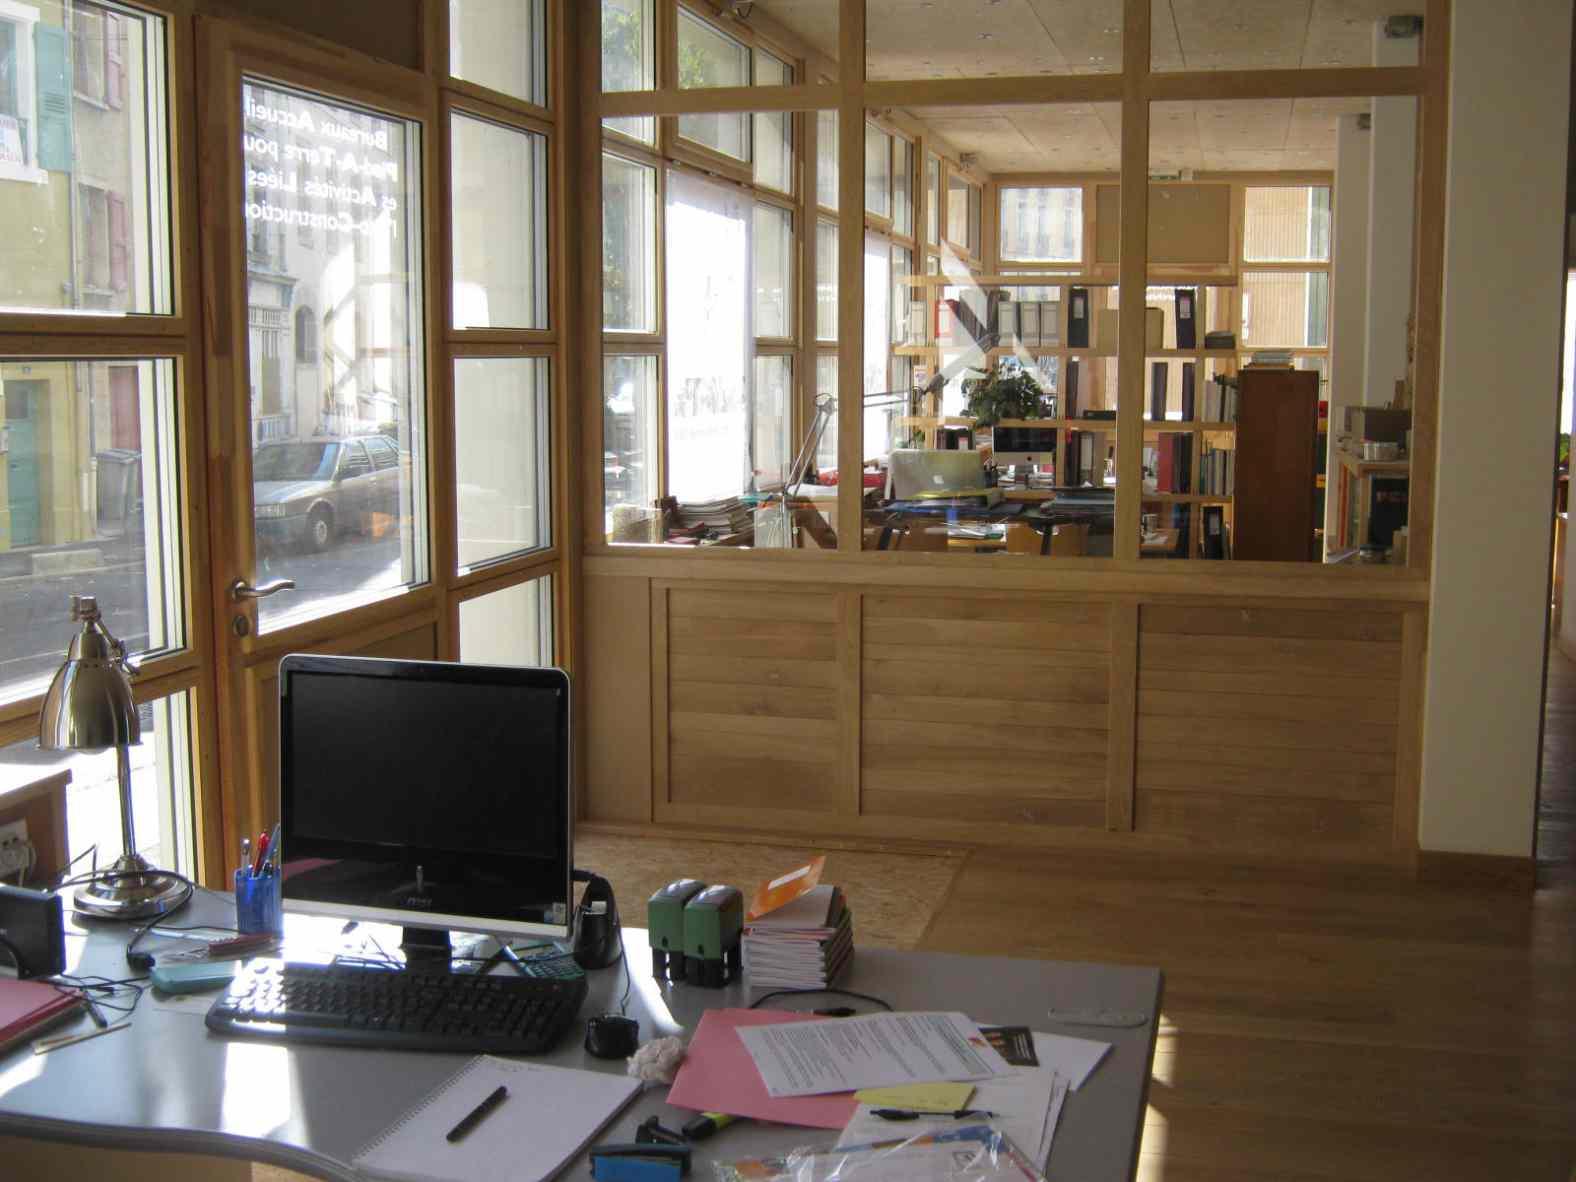 Monjauze architectes - Bureaux Terre Crue au Puy-en-Velay